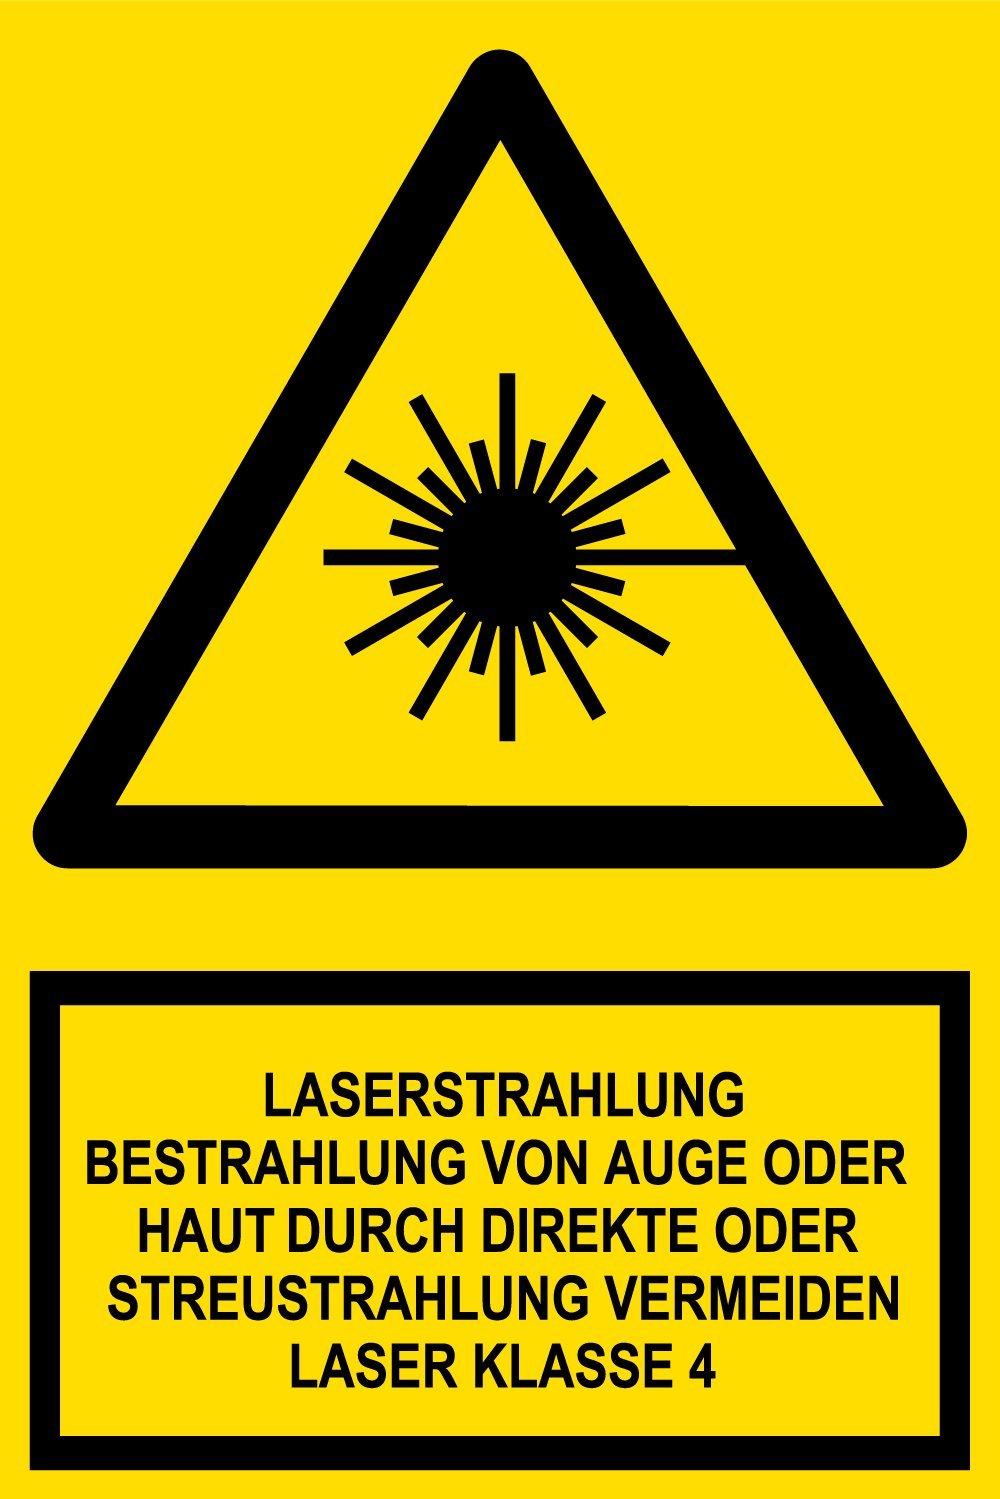 20 x 30 cm Laserstrahlung Bestrahlung von Auge oder Haut durch direkte oder Streustrahlung vermeiden Laser Klasse 4 Warnschild aus Folie